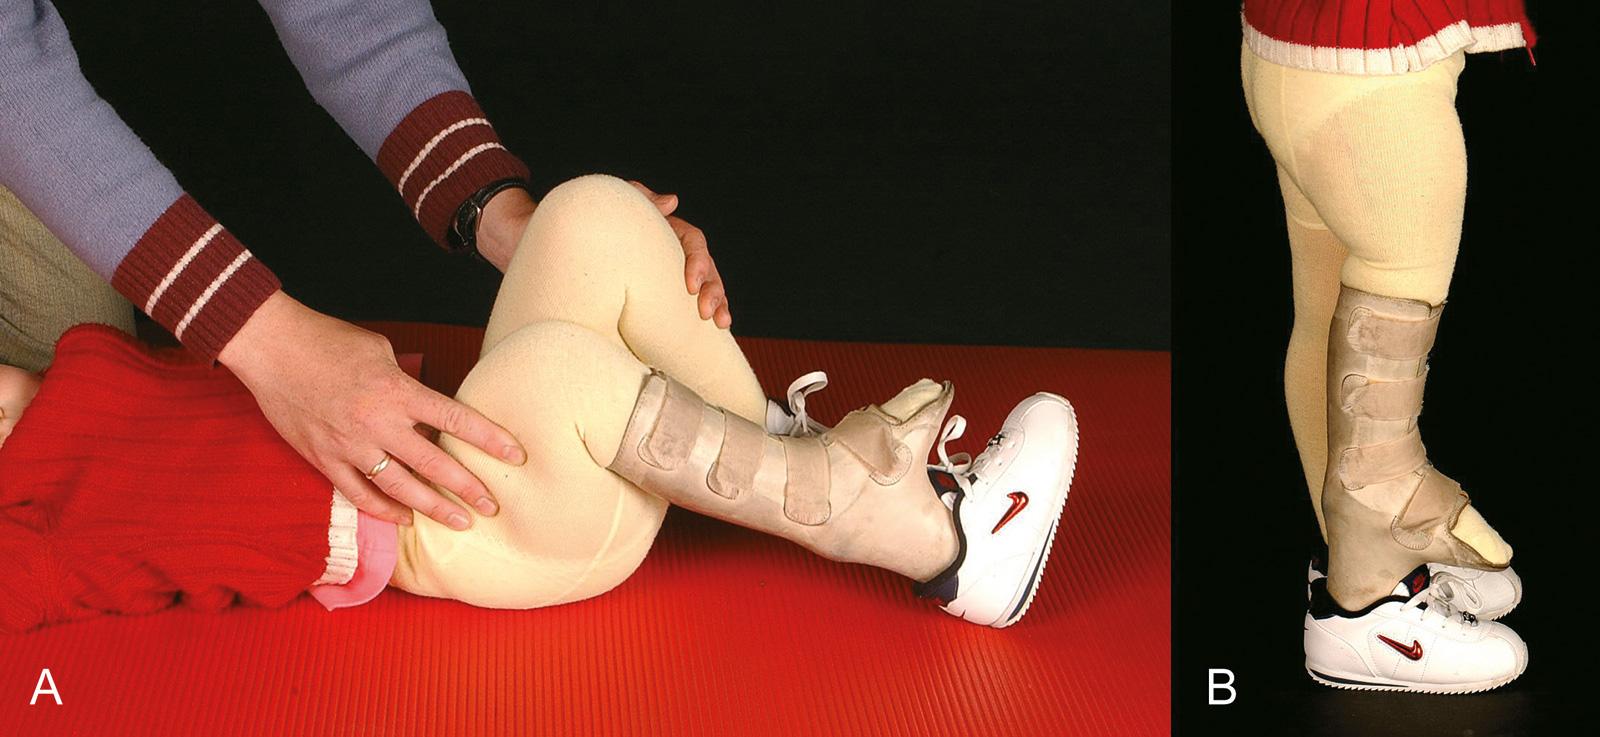 Abb. 4-27: Ausgleich der Beinlängendifferenz mit einem Etagenschuh. Der Fuß verbleibt in Neutralstellung, um ein plantigrades Auftreten nach Ausgleich der Beinlängendifferenz zu ermöglichen